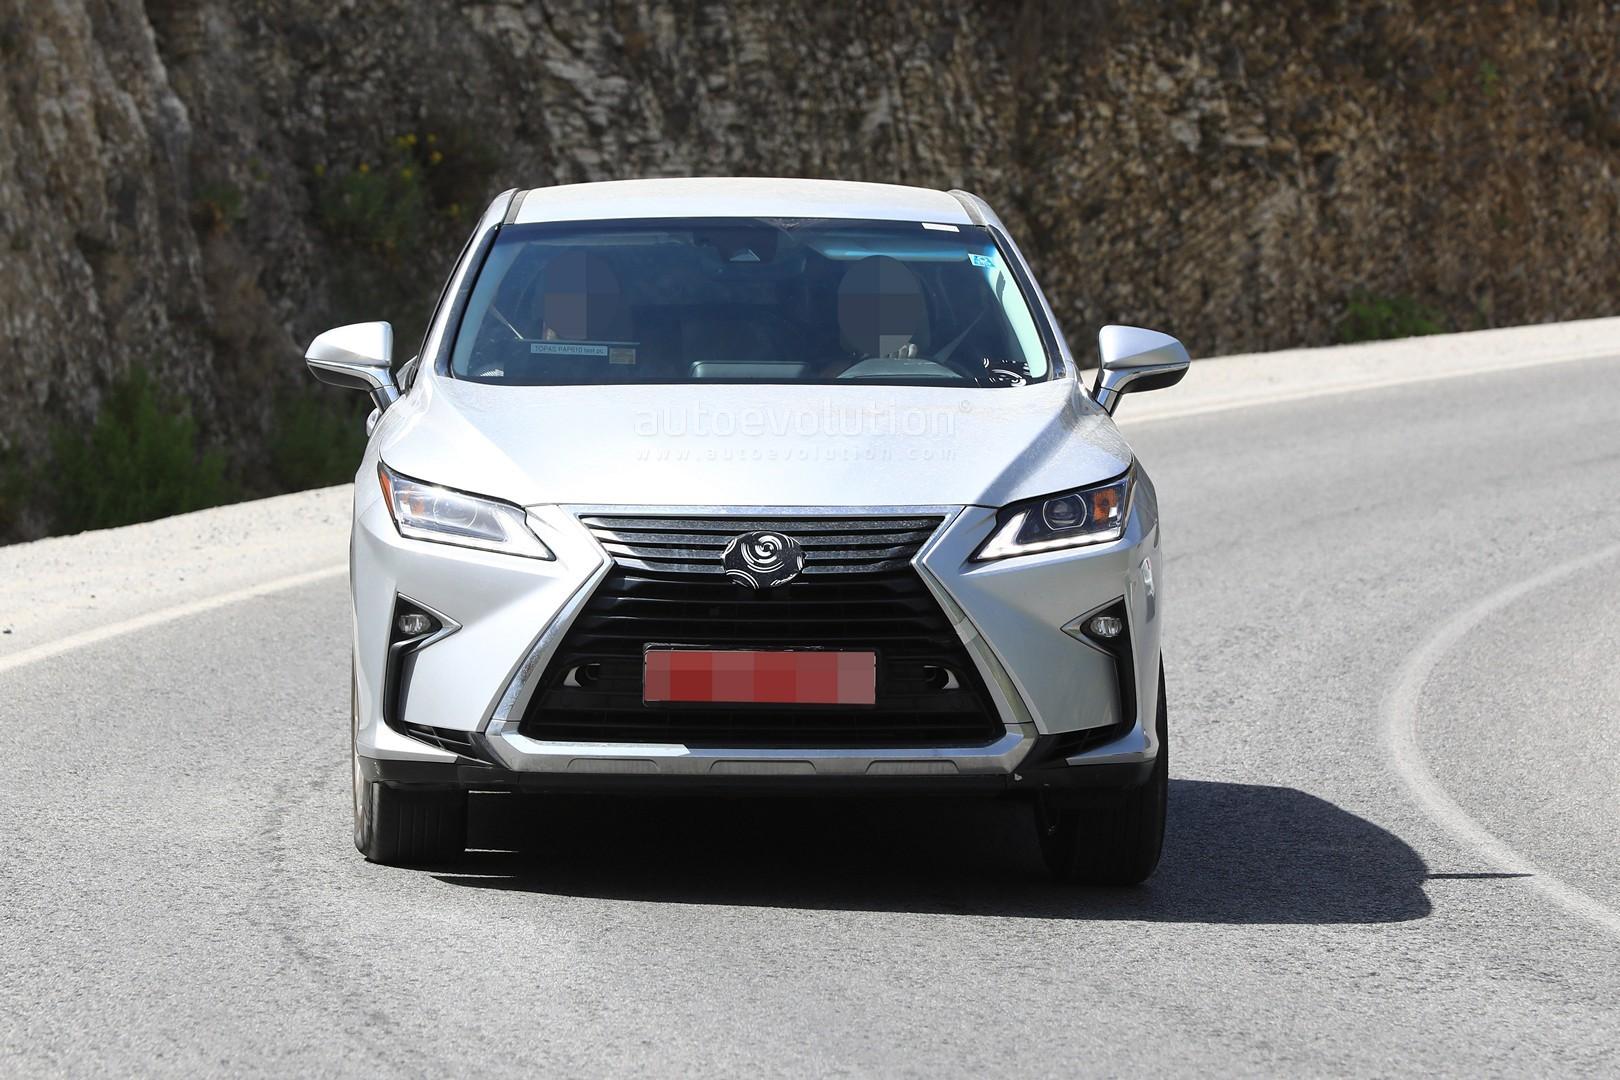 2018 lexus rx 350l. brilliant 350l 2018 lexus rx facelift  in lexus rx 350l